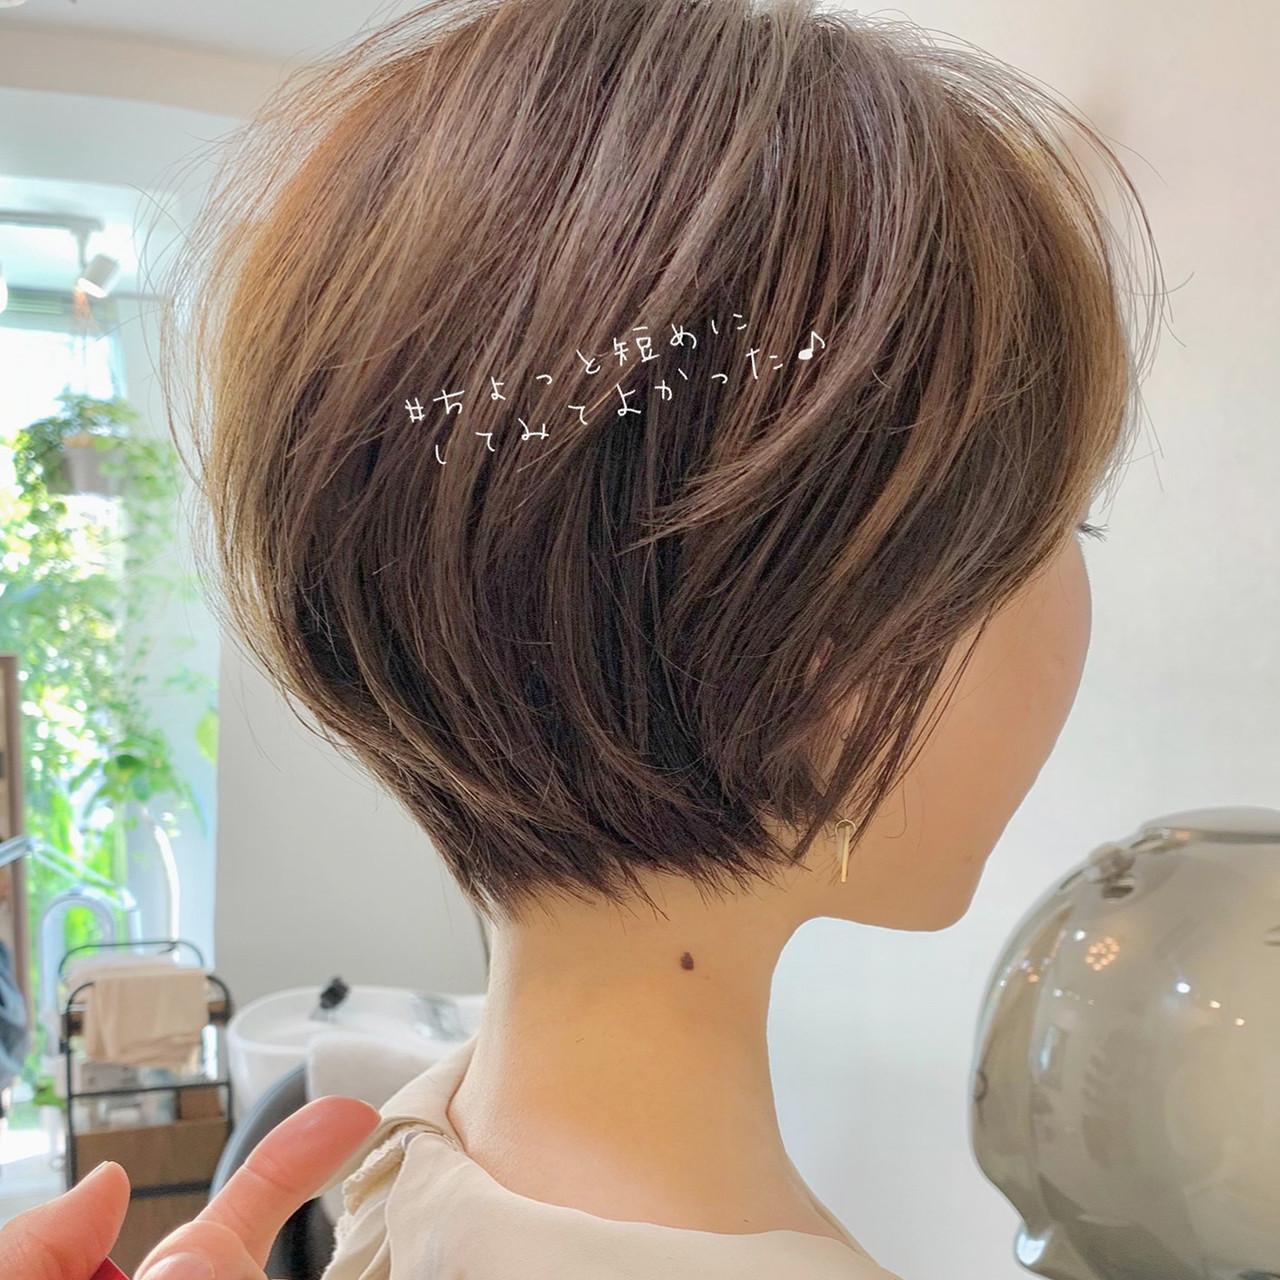 ショートヘア ショート ミニボブ デート ヘアスタイルや髪型の写真・画像   ショートボブの匠【 山内大成 】『i.hair』 / 『 i. 』 omotesando